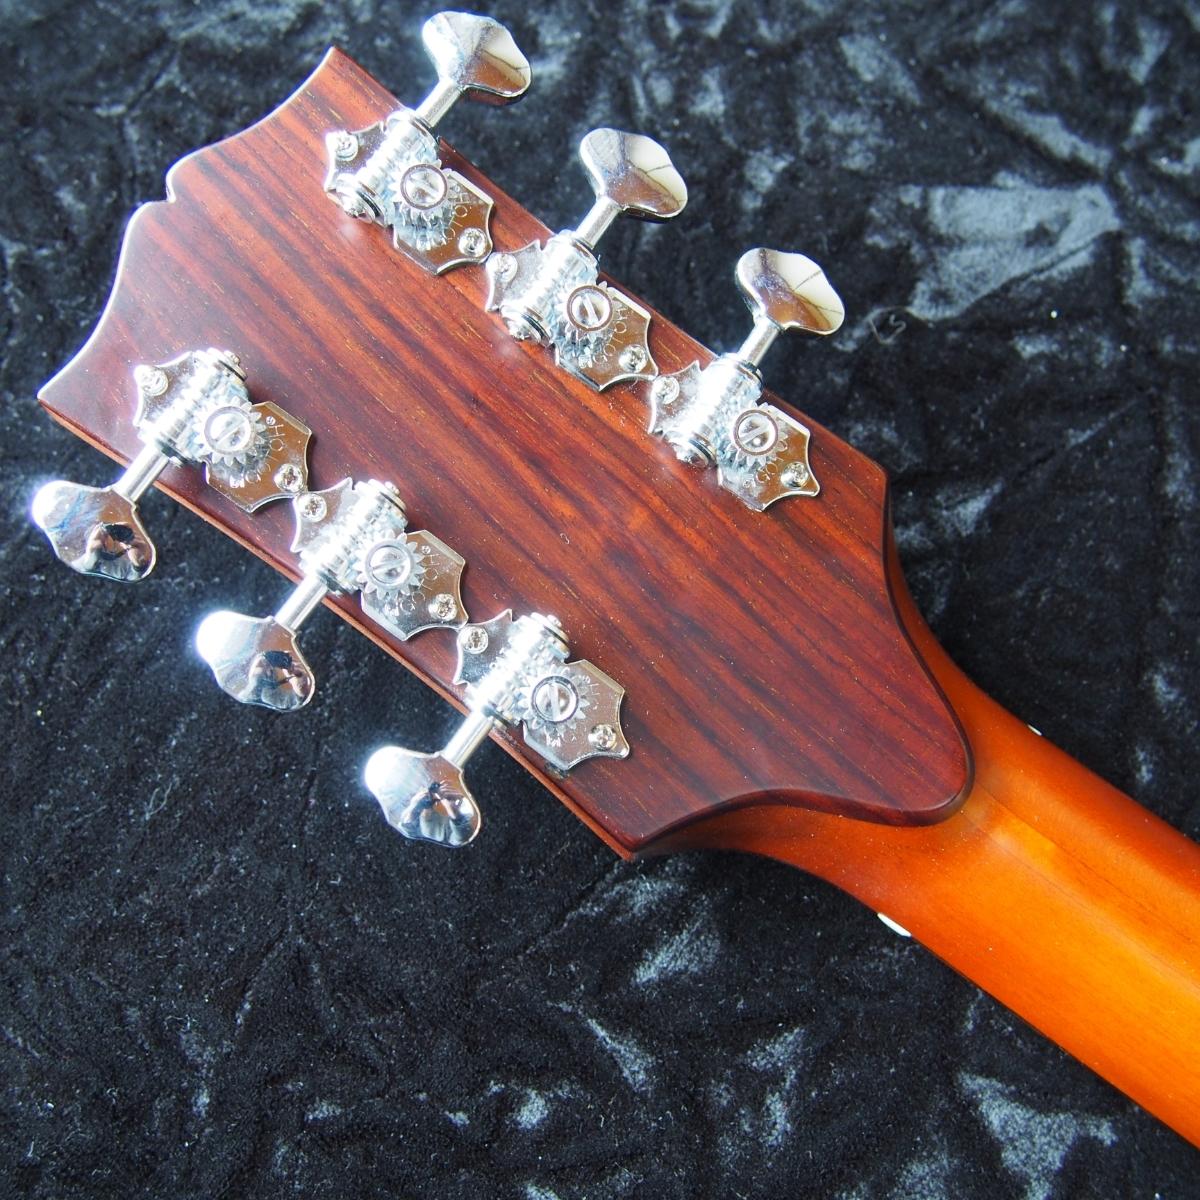 レア 虎杢 全単板 オールラッカー オーバーホール済 ヴィンテージ アコースティックギター _画像8